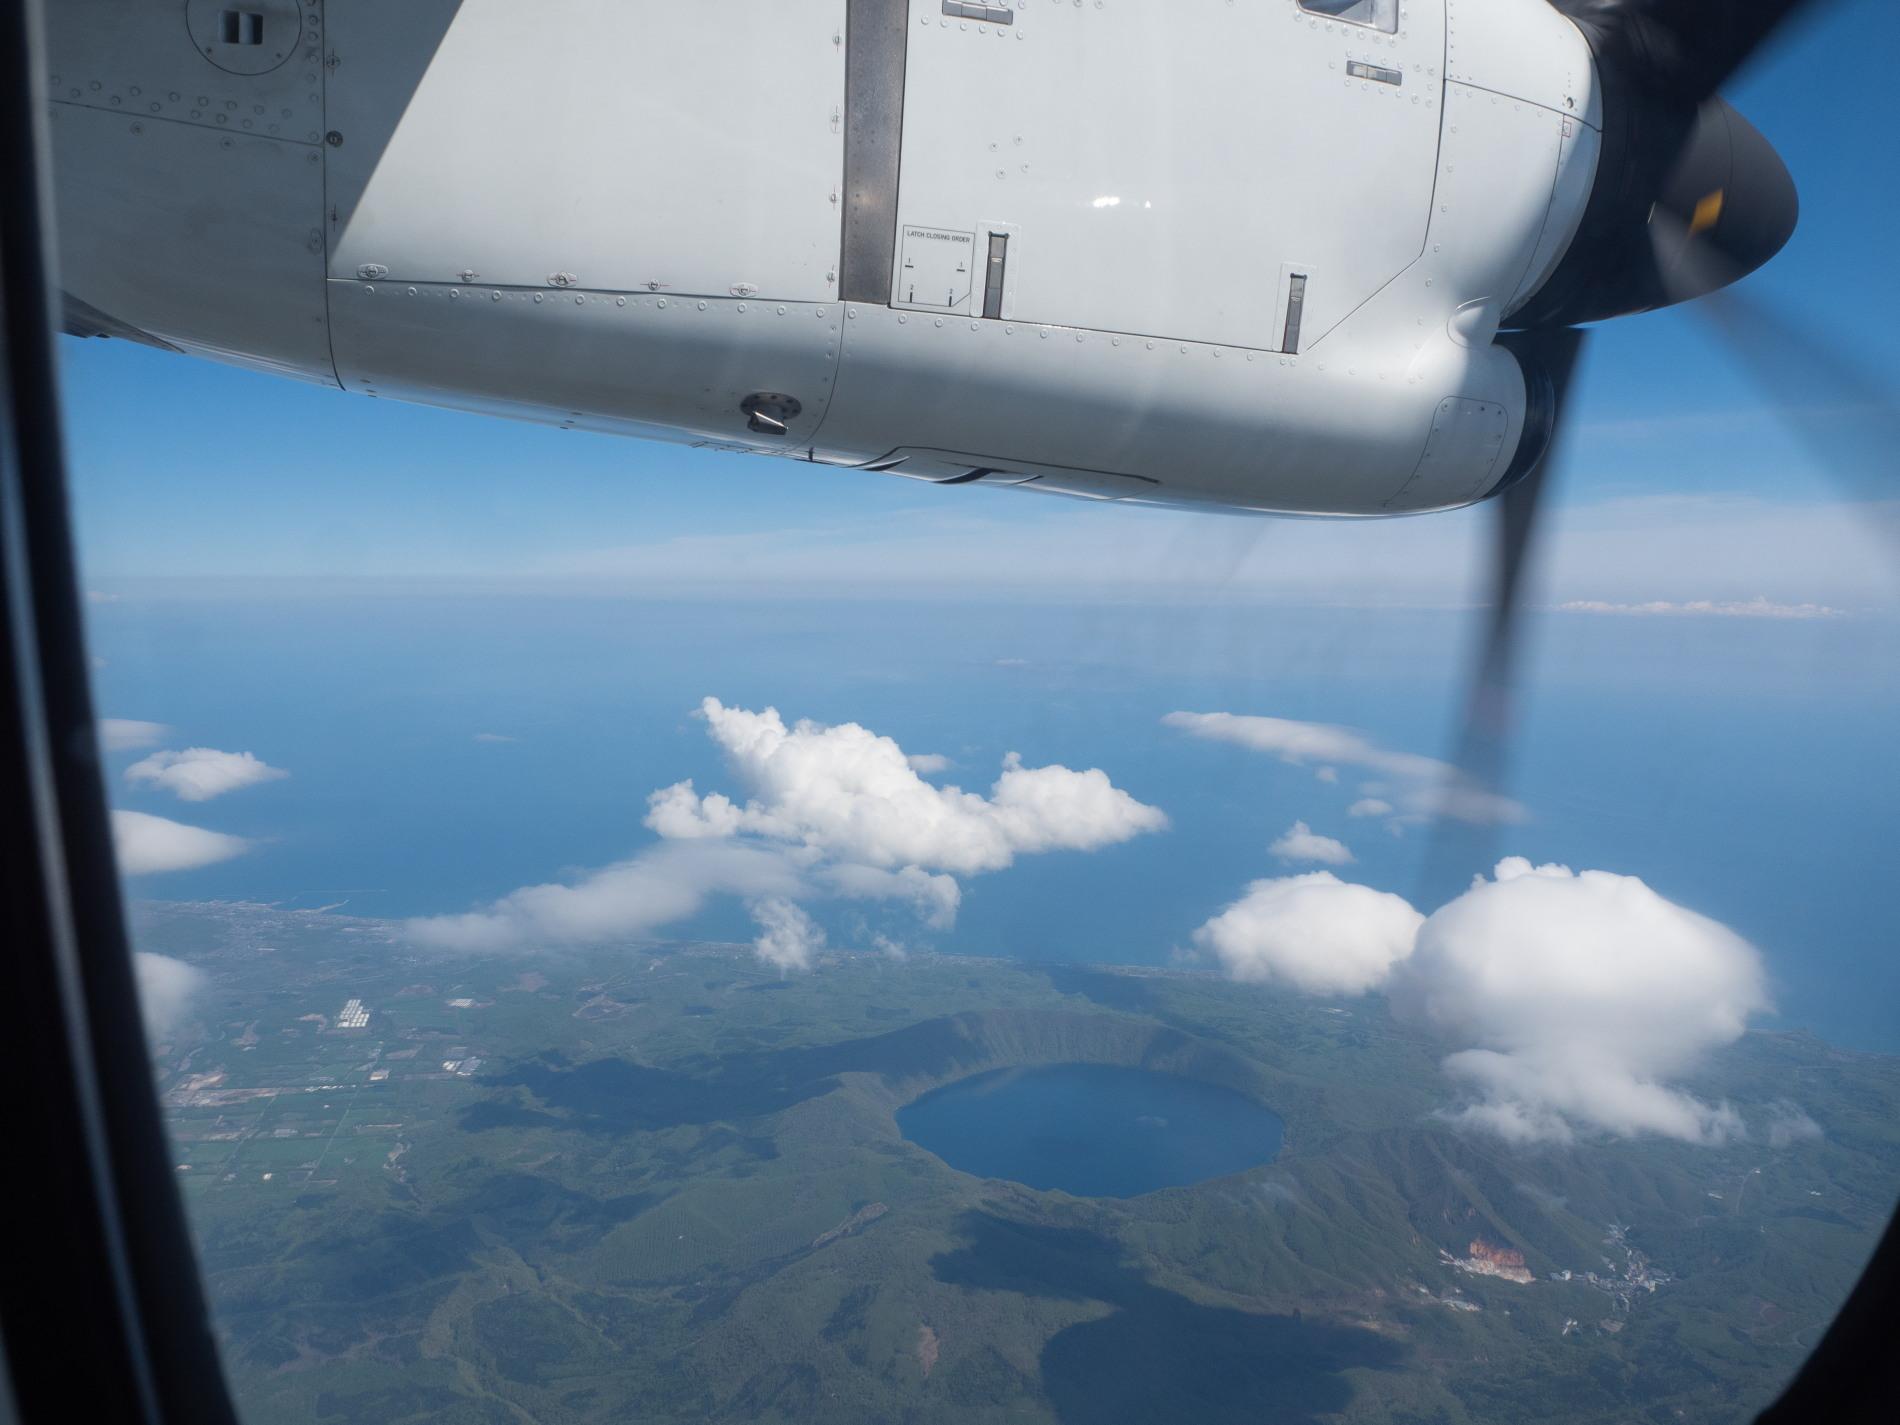 北海道エアシステムの新機材ATR42に乗って・・函館へ(1)_f0276498_13125451.jpg